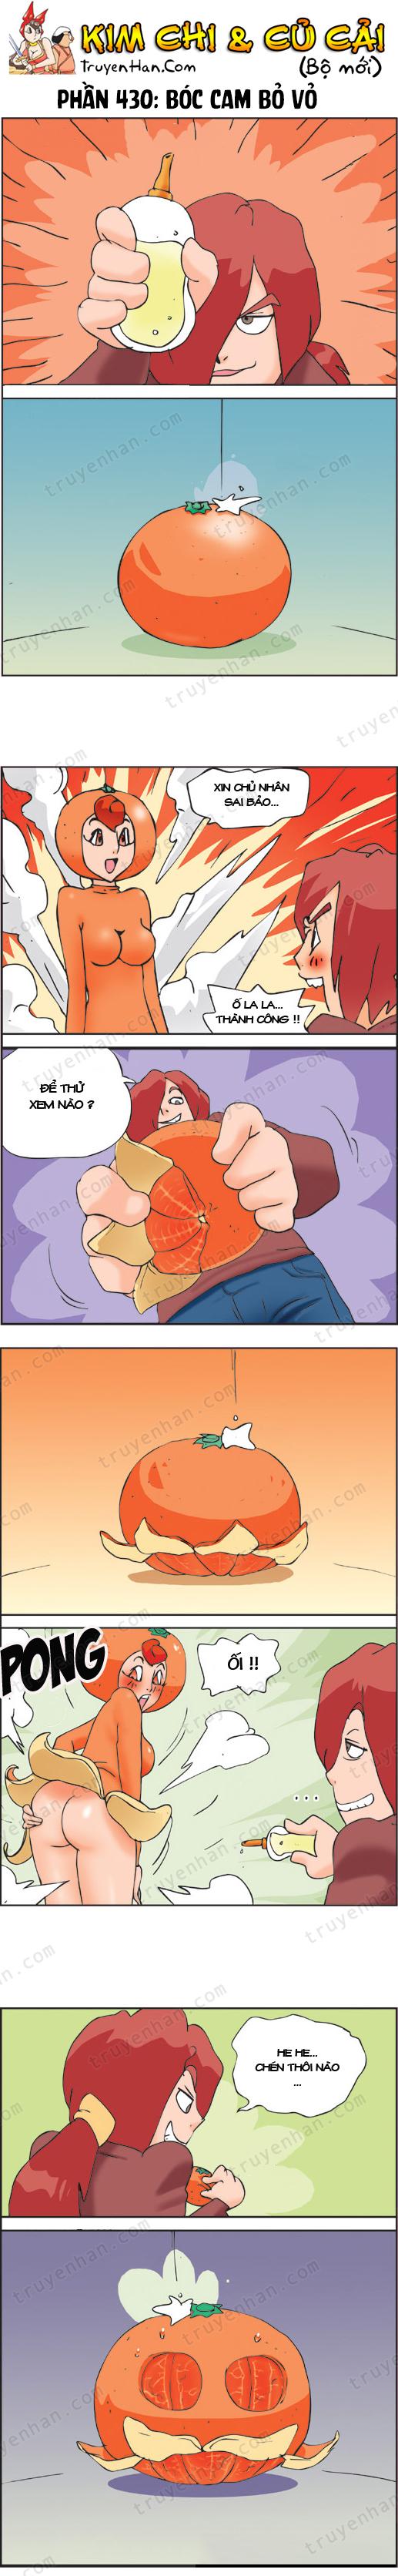 Kim Chi & Củ Cải (bộ mới) phần 430: Bóc cam bỏ vỏ